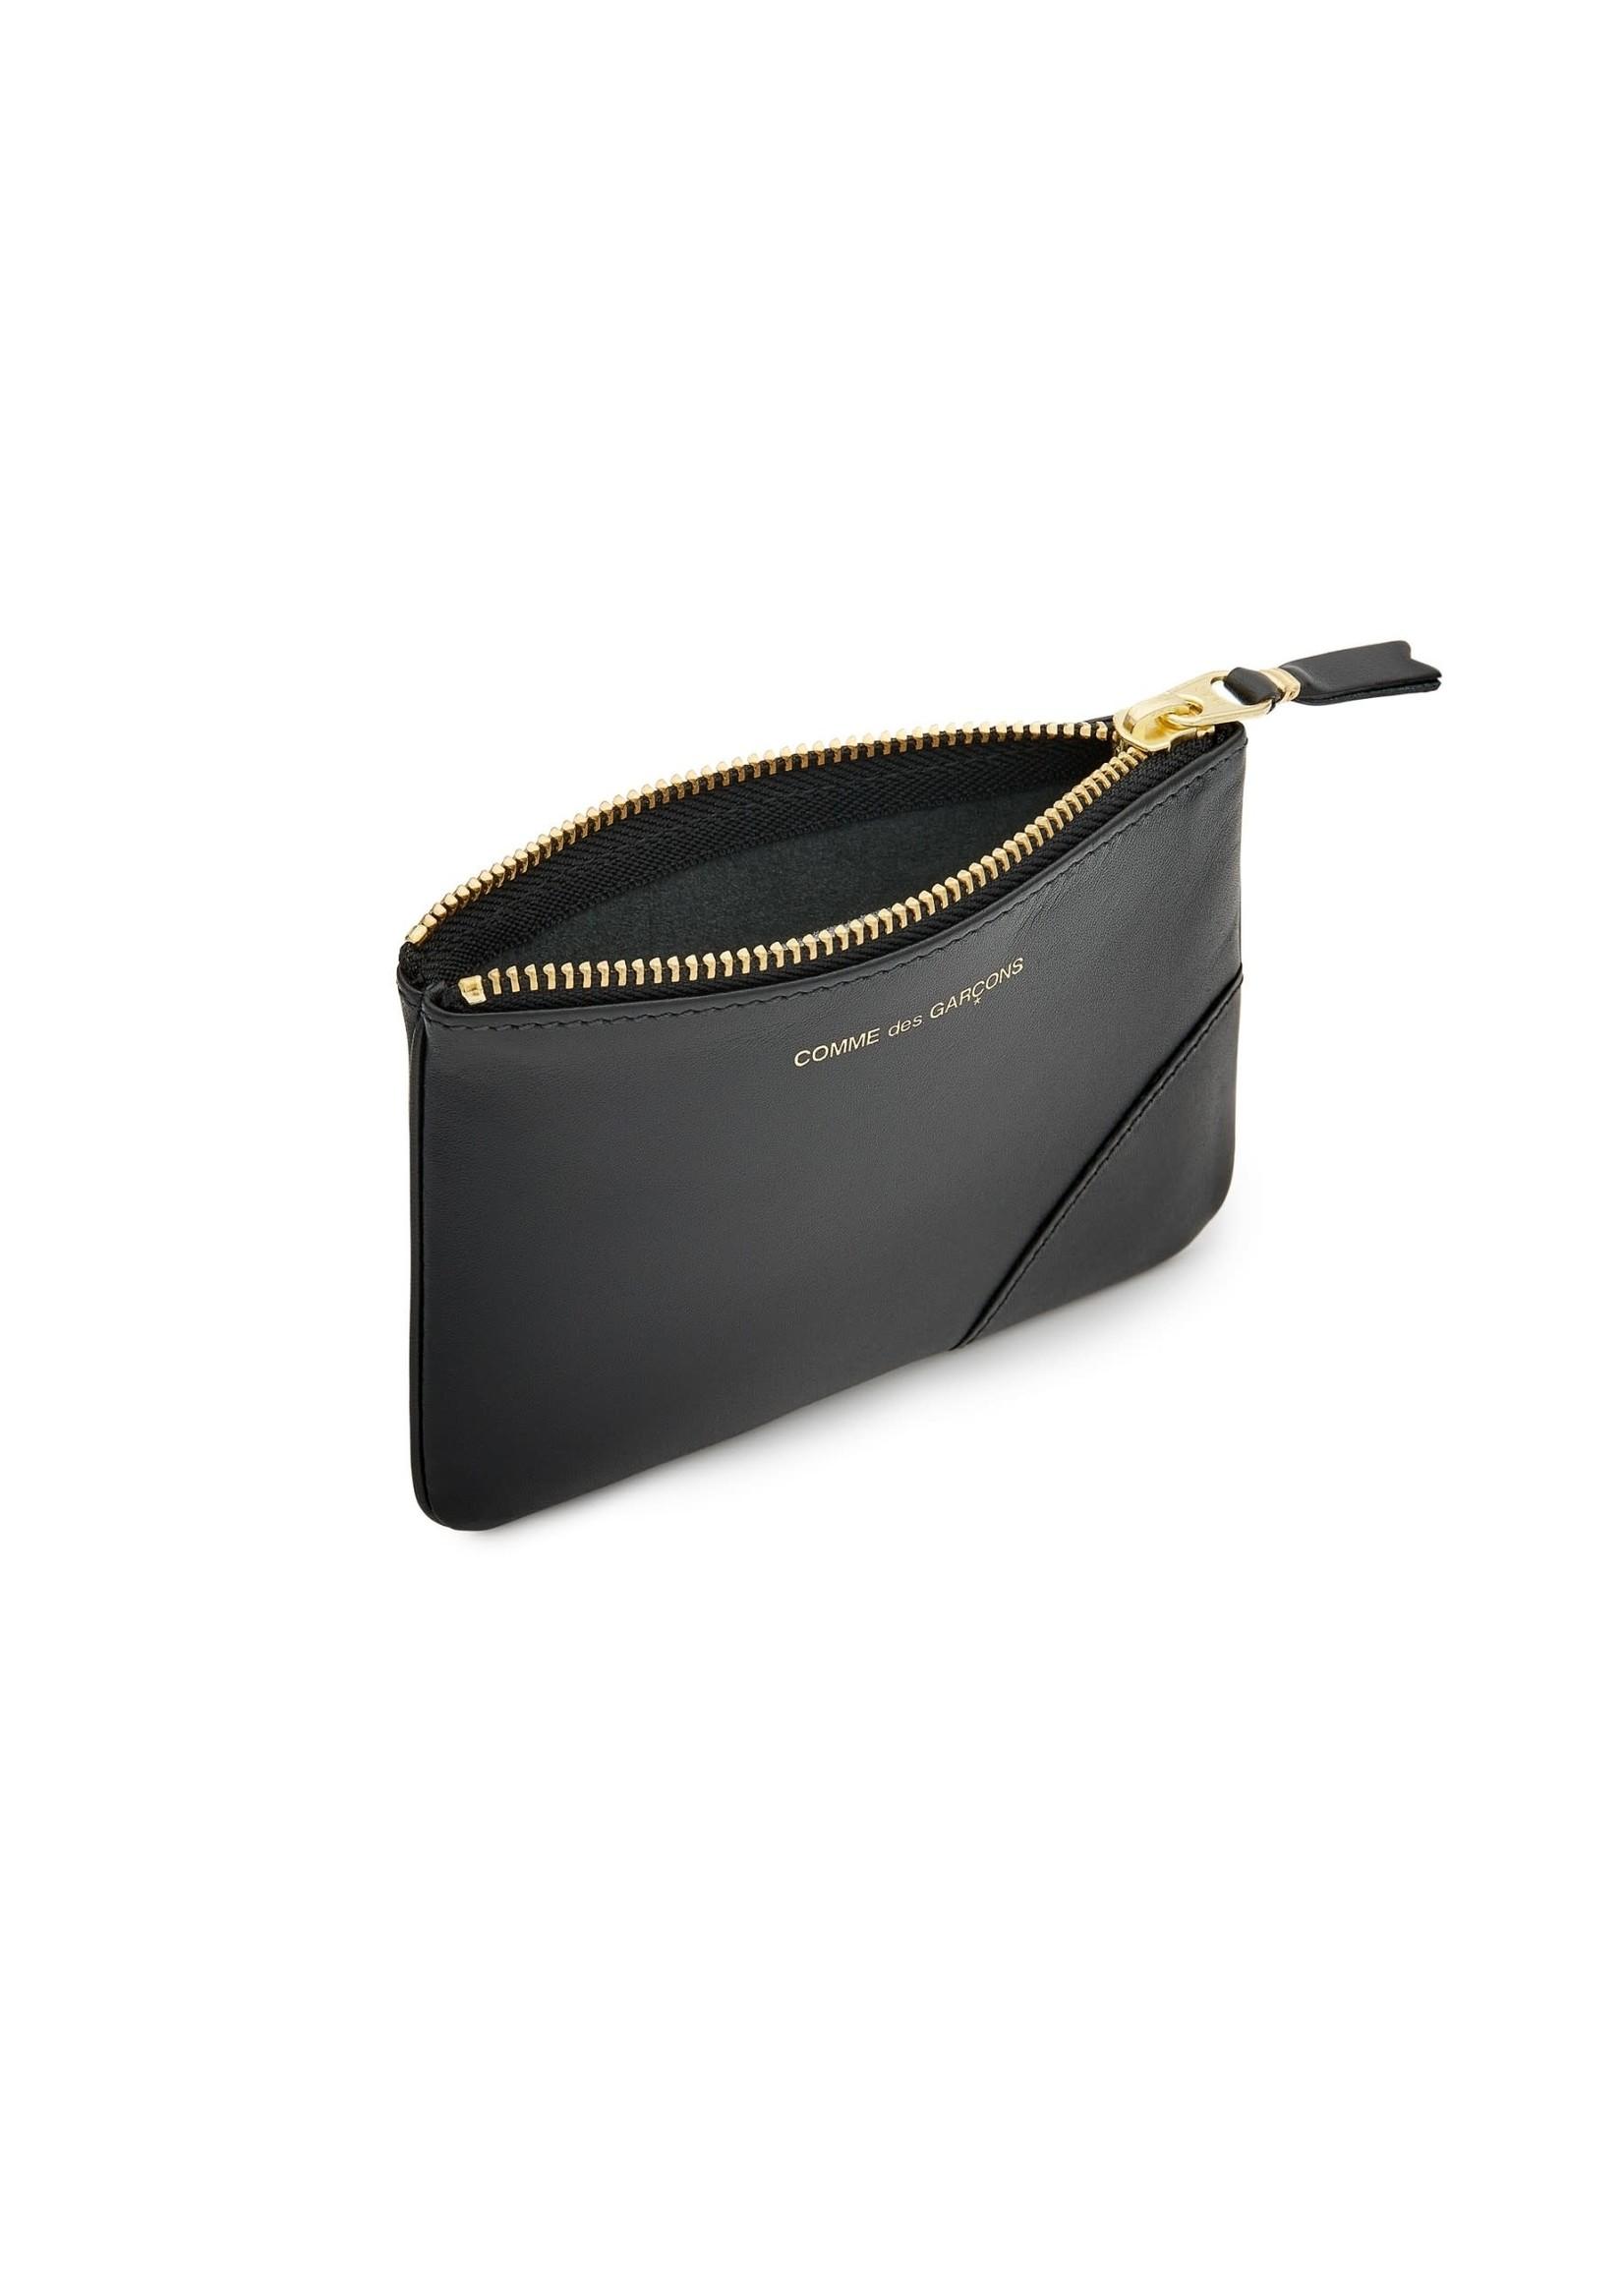 COMME des GARÇONS WALLET SMALL Leather ZIP POUCH Black SA8100